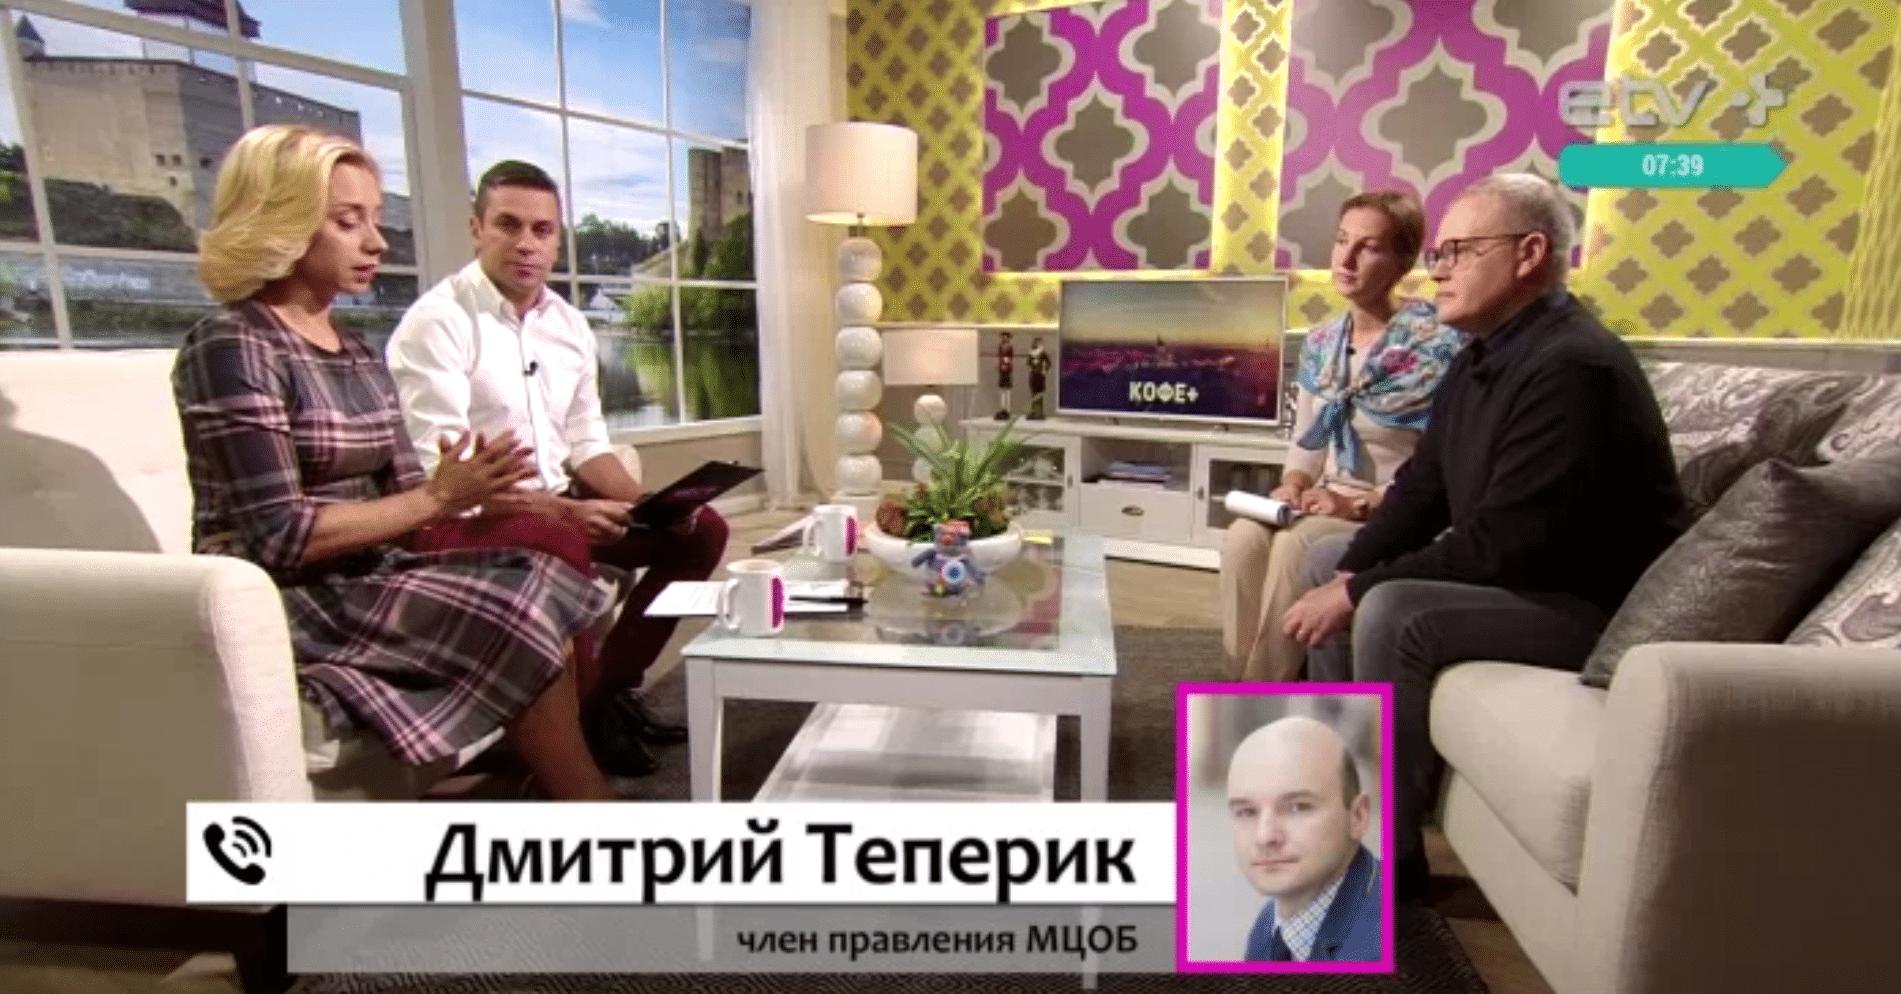 Image for Дмитрий Теперик прокомментировал деятельность Правительственной комиссии по безопасности